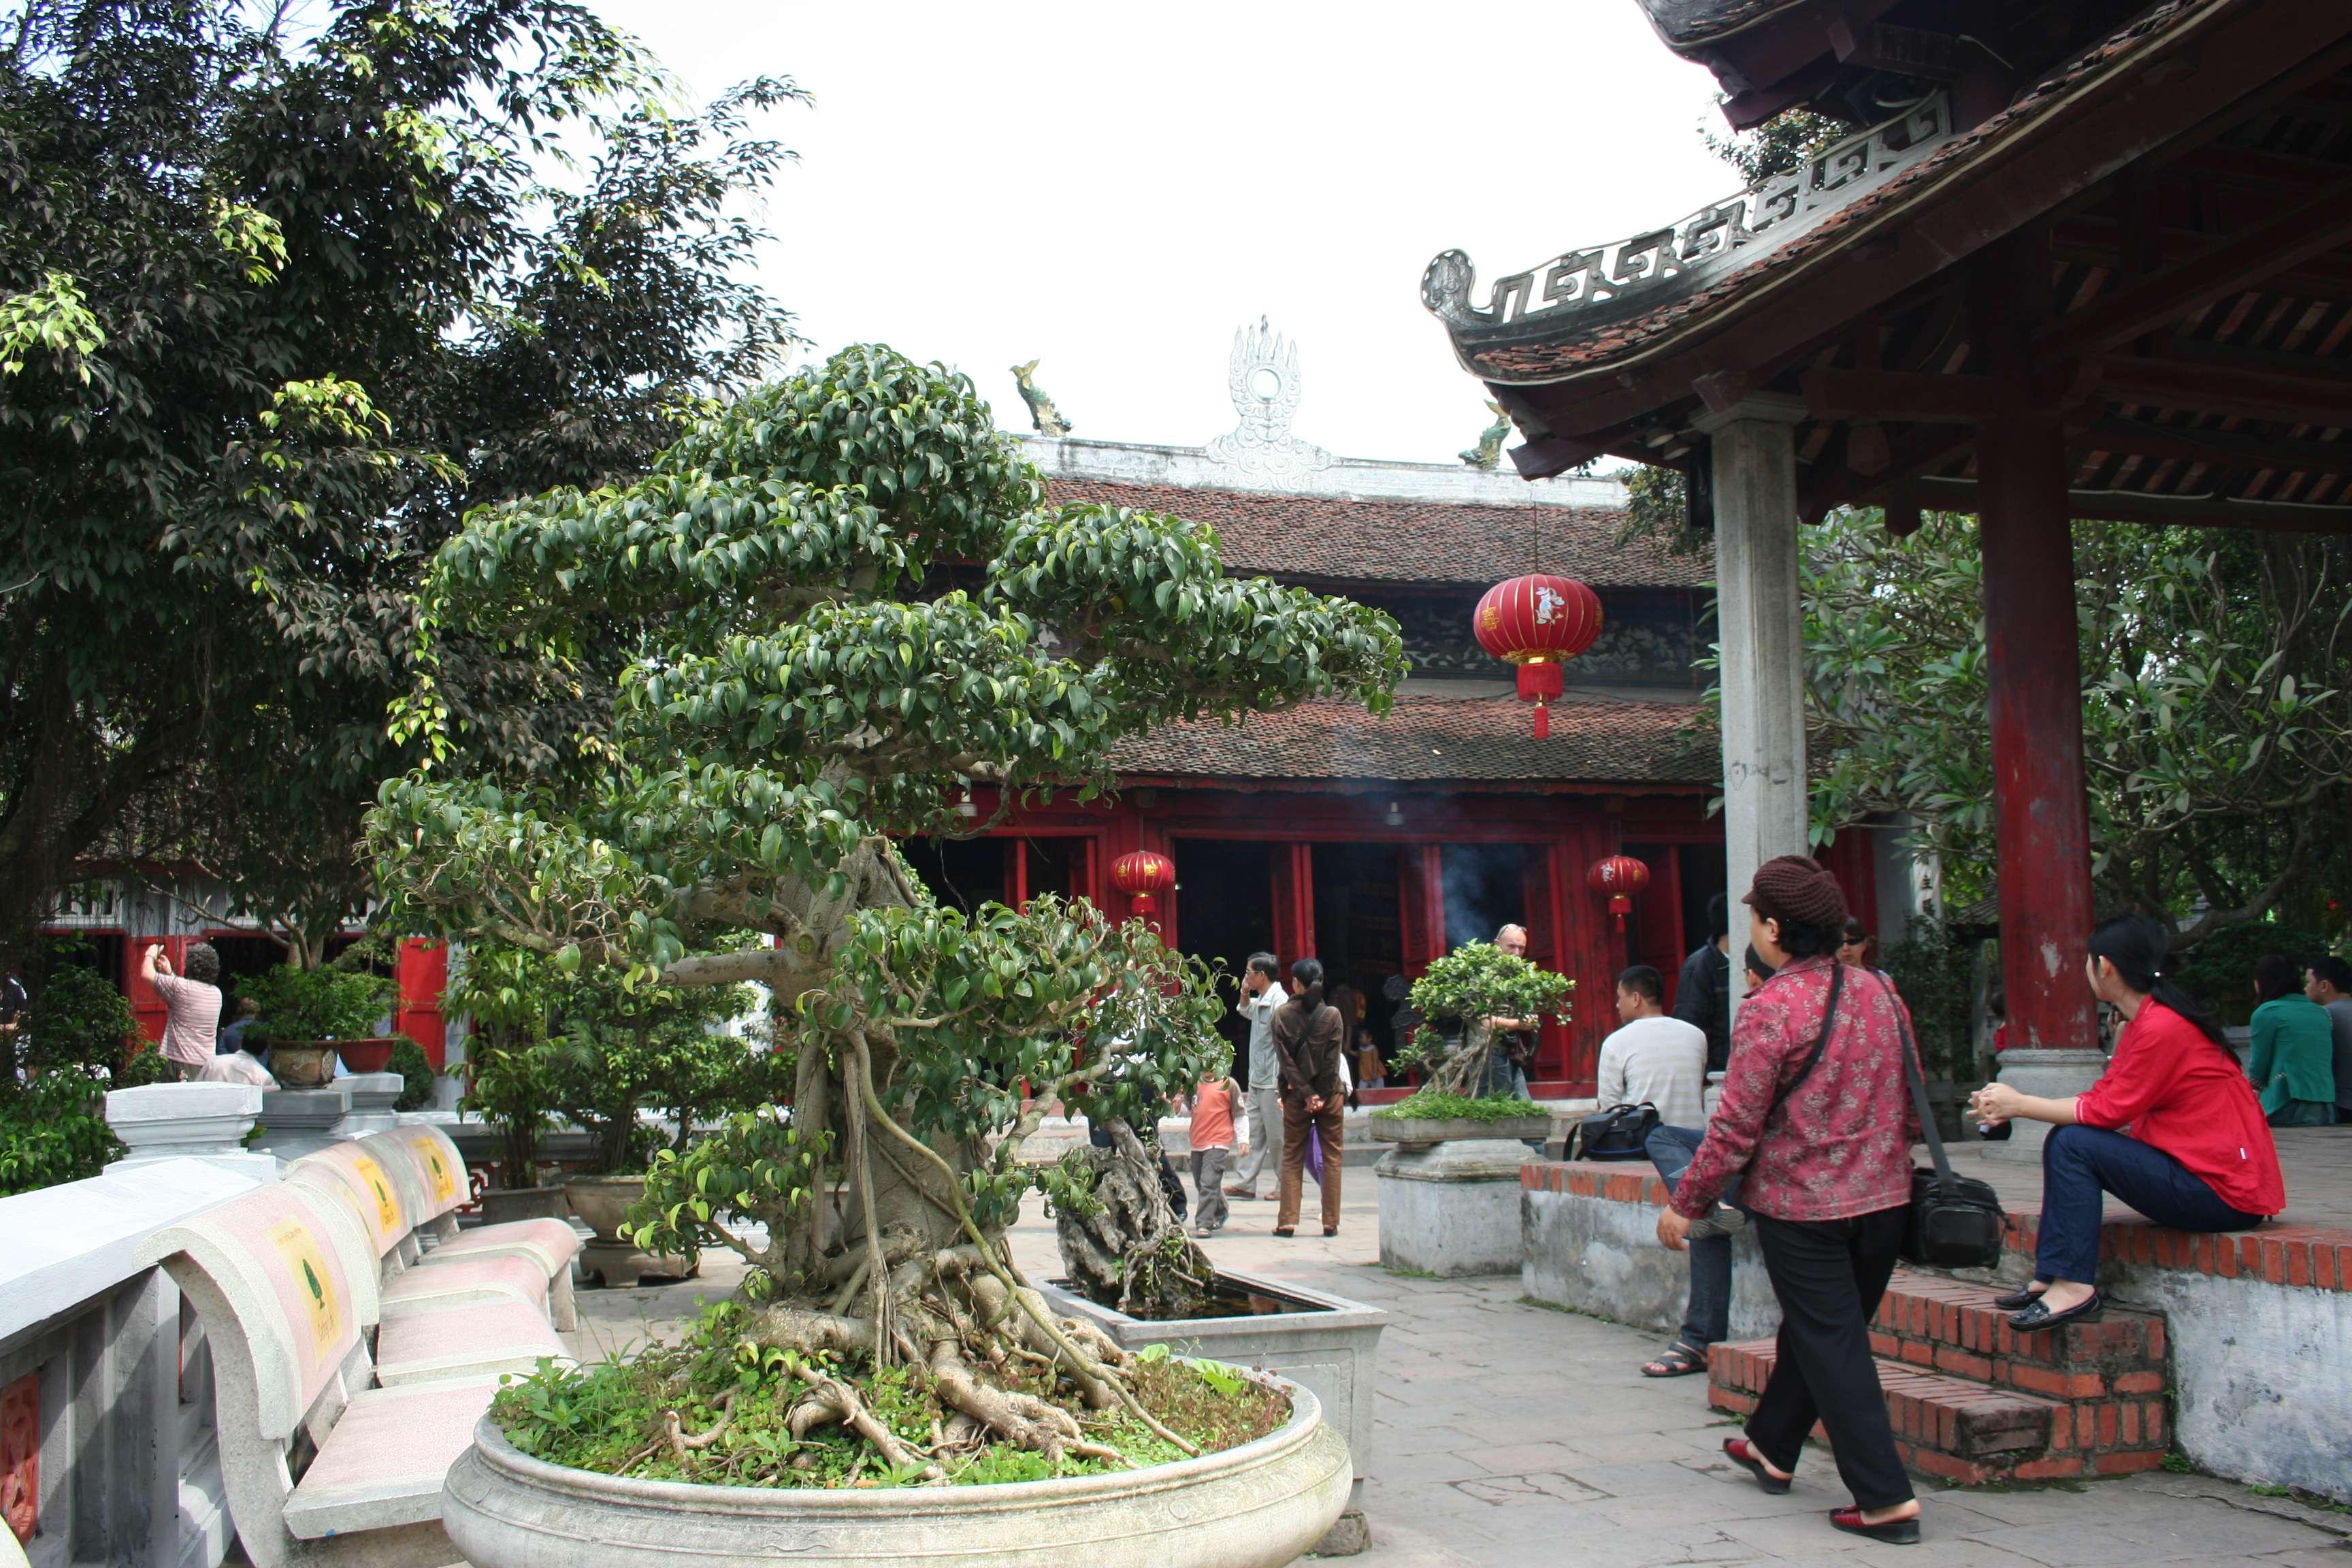 20120408_007 Han Oi temple de la tortue